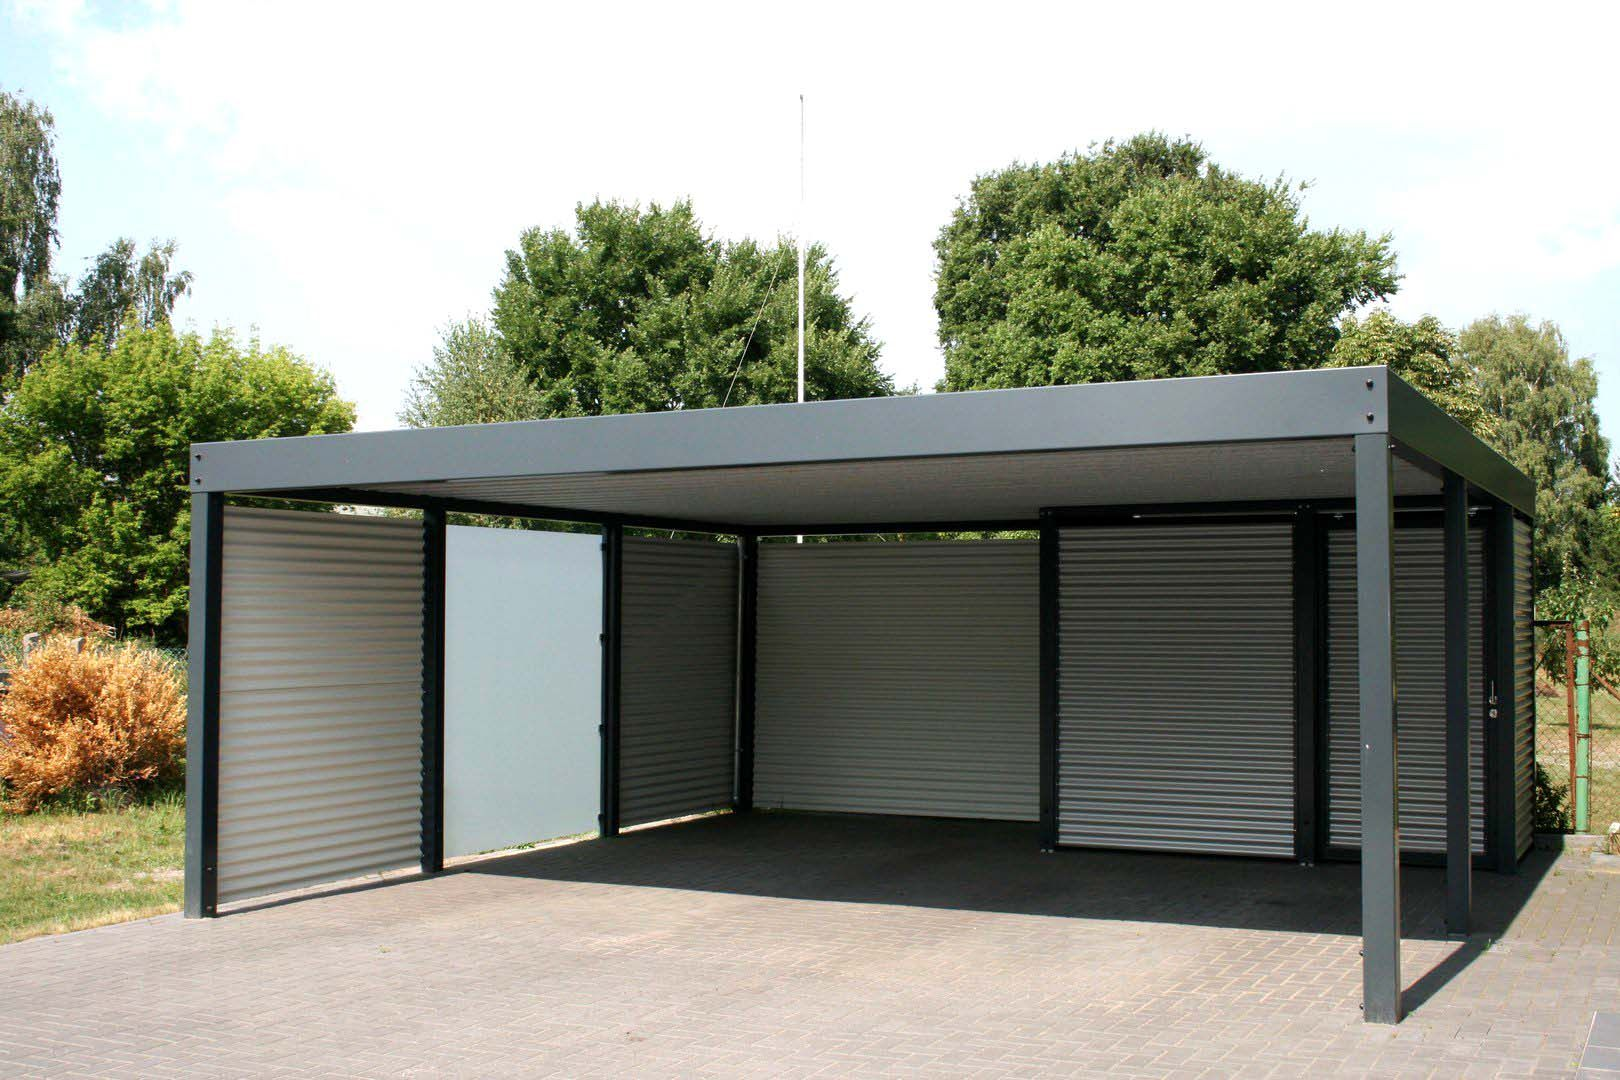 Design Metall Carport aus Glas Stahl Blech Österreich